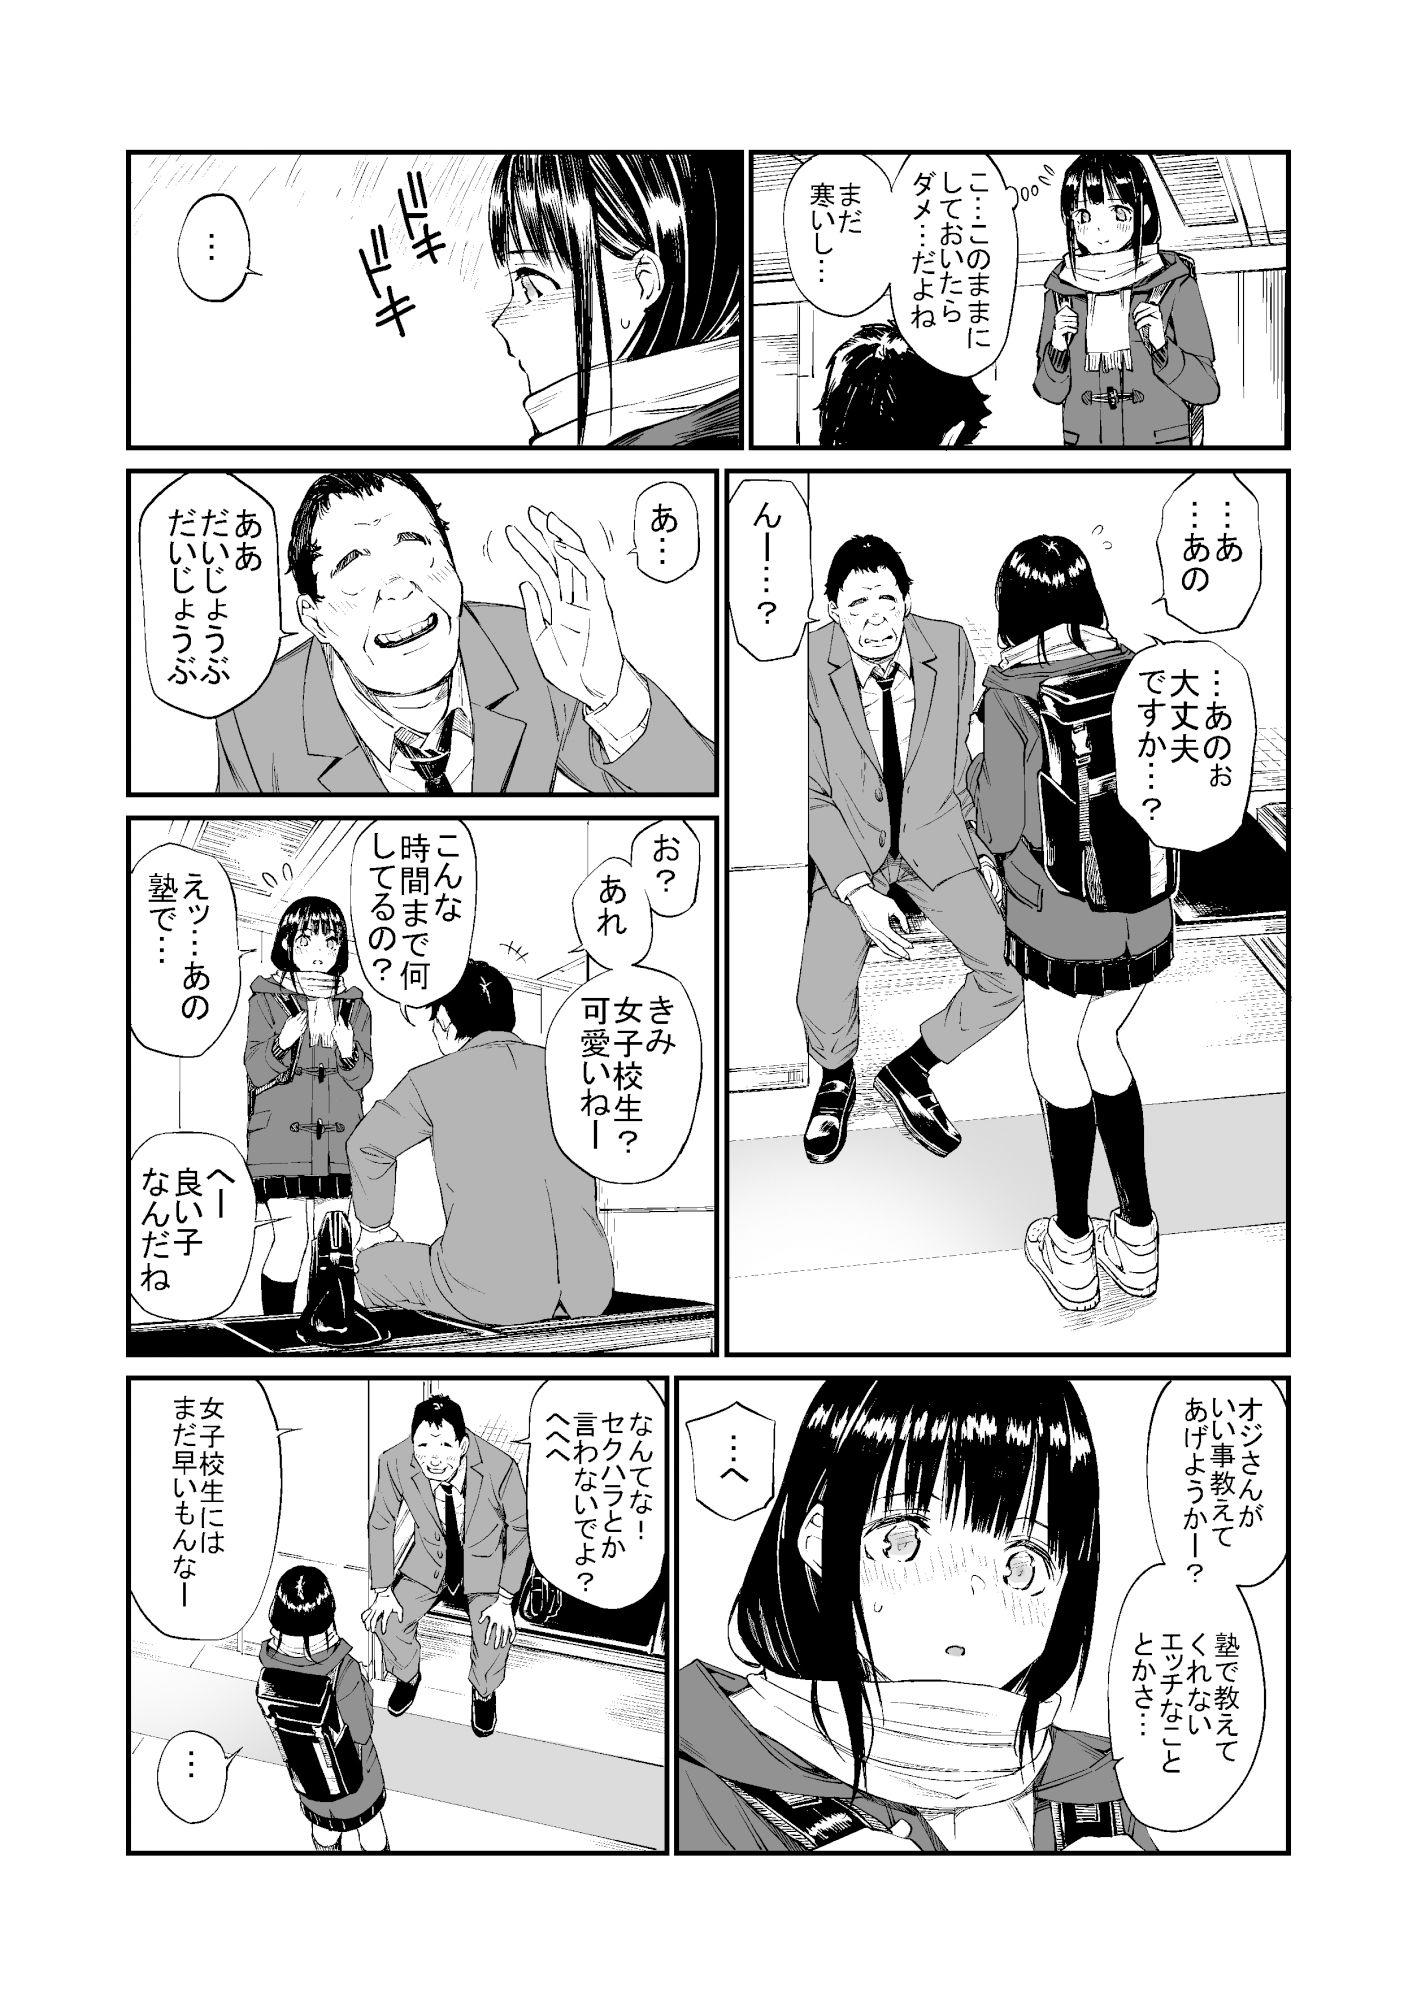 【エロ漫画無料大全集】おっさんの欲望のまま抱かれる処女娘の運命が…